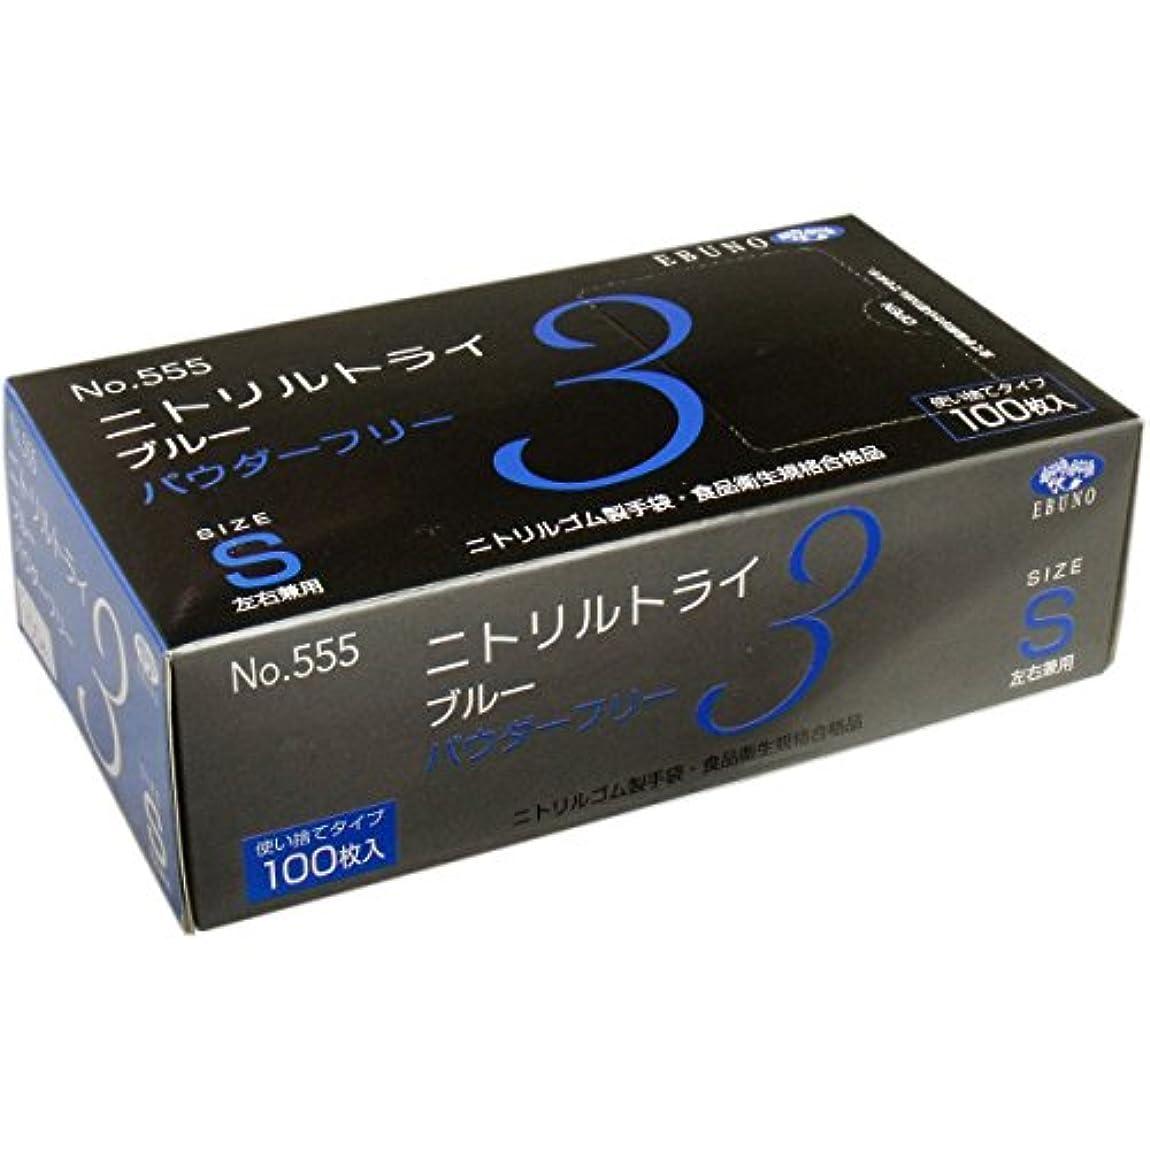 フォアタイプ栄光の触手ニトリルトライ3 手袋 ブルー パウダーフリー Sサイズ 100枚入×2個セット